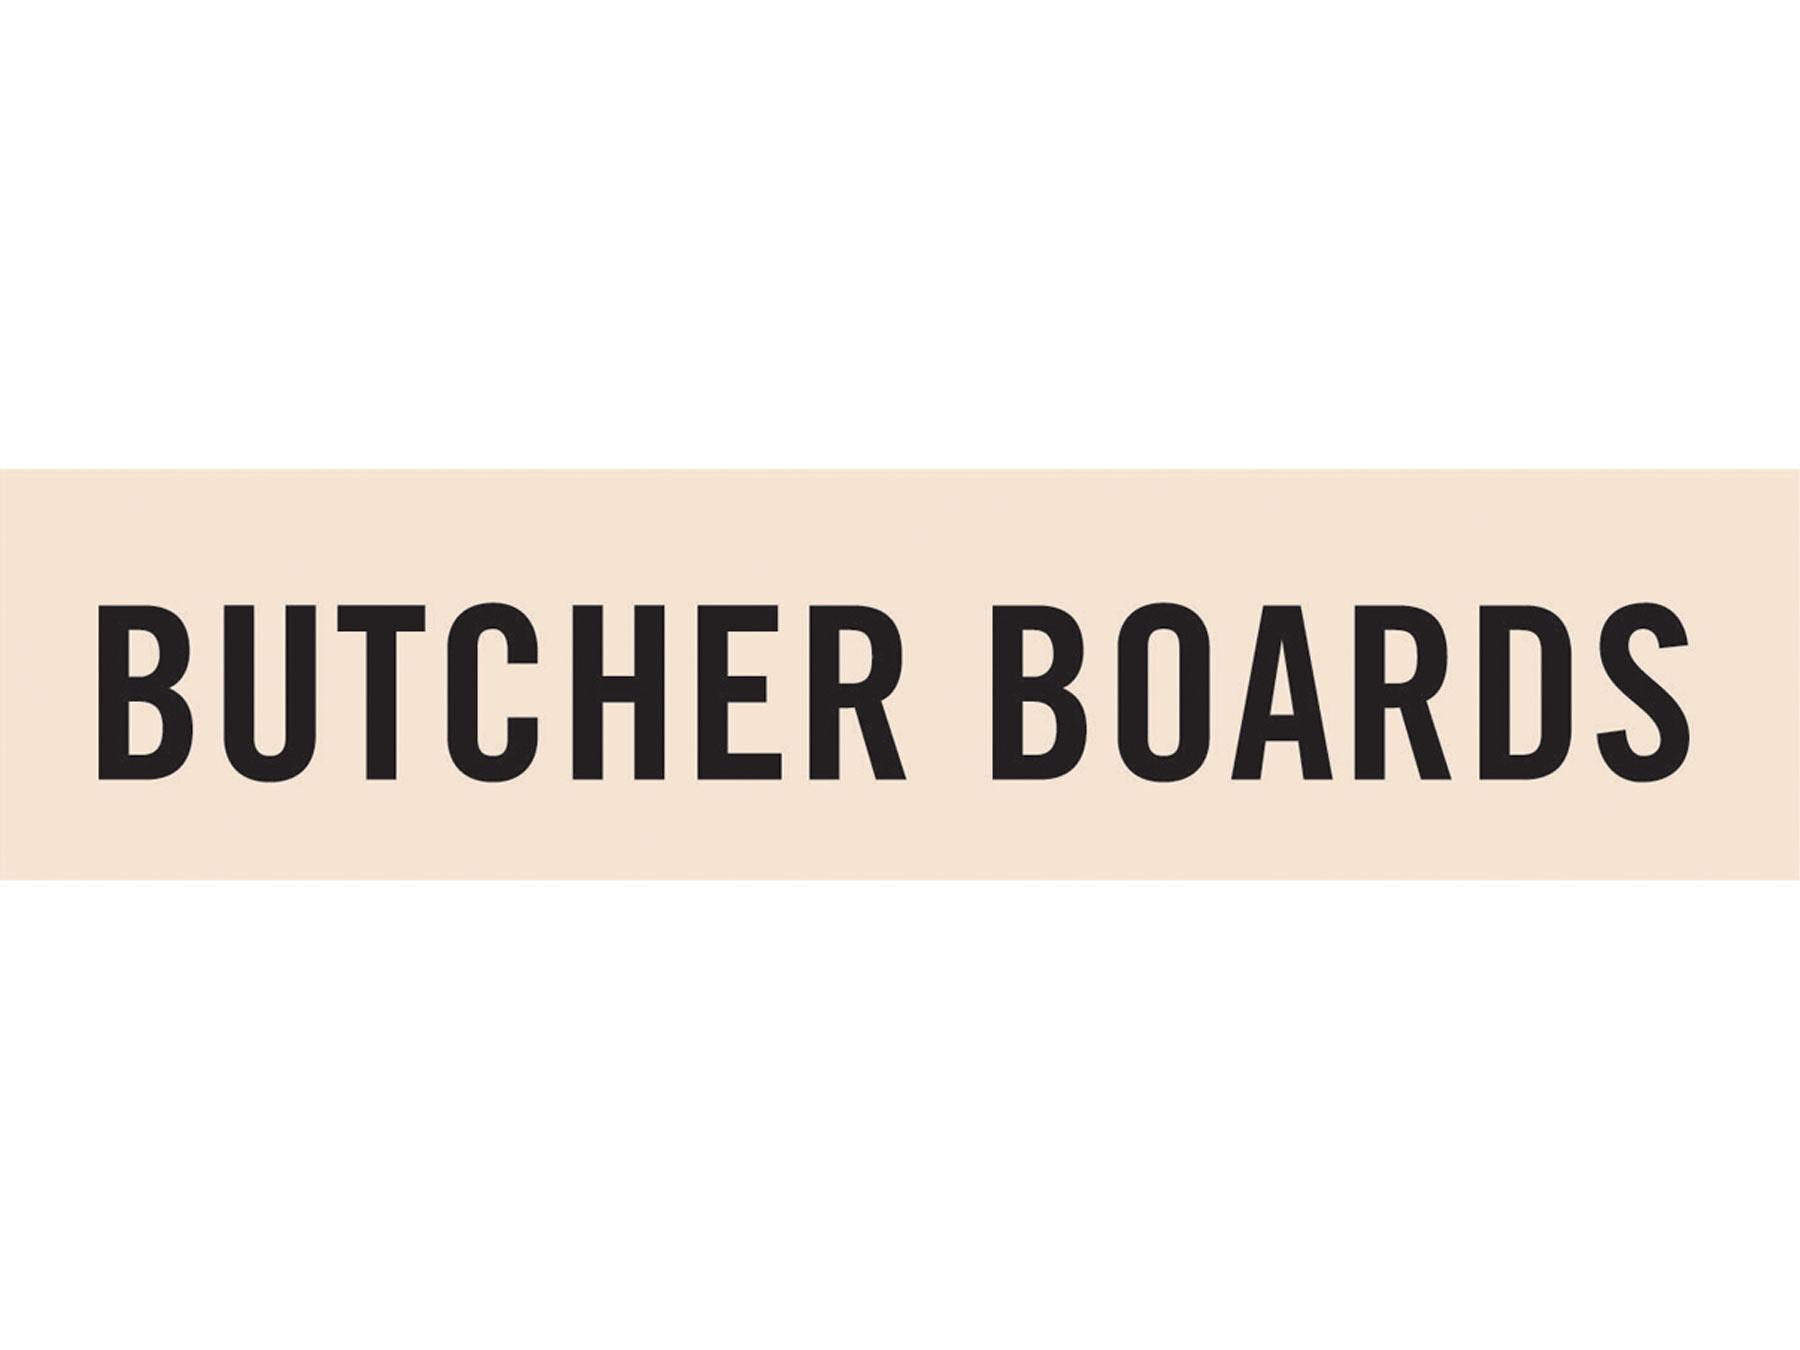 Chroma CB-02 Butcher Board Guminoki